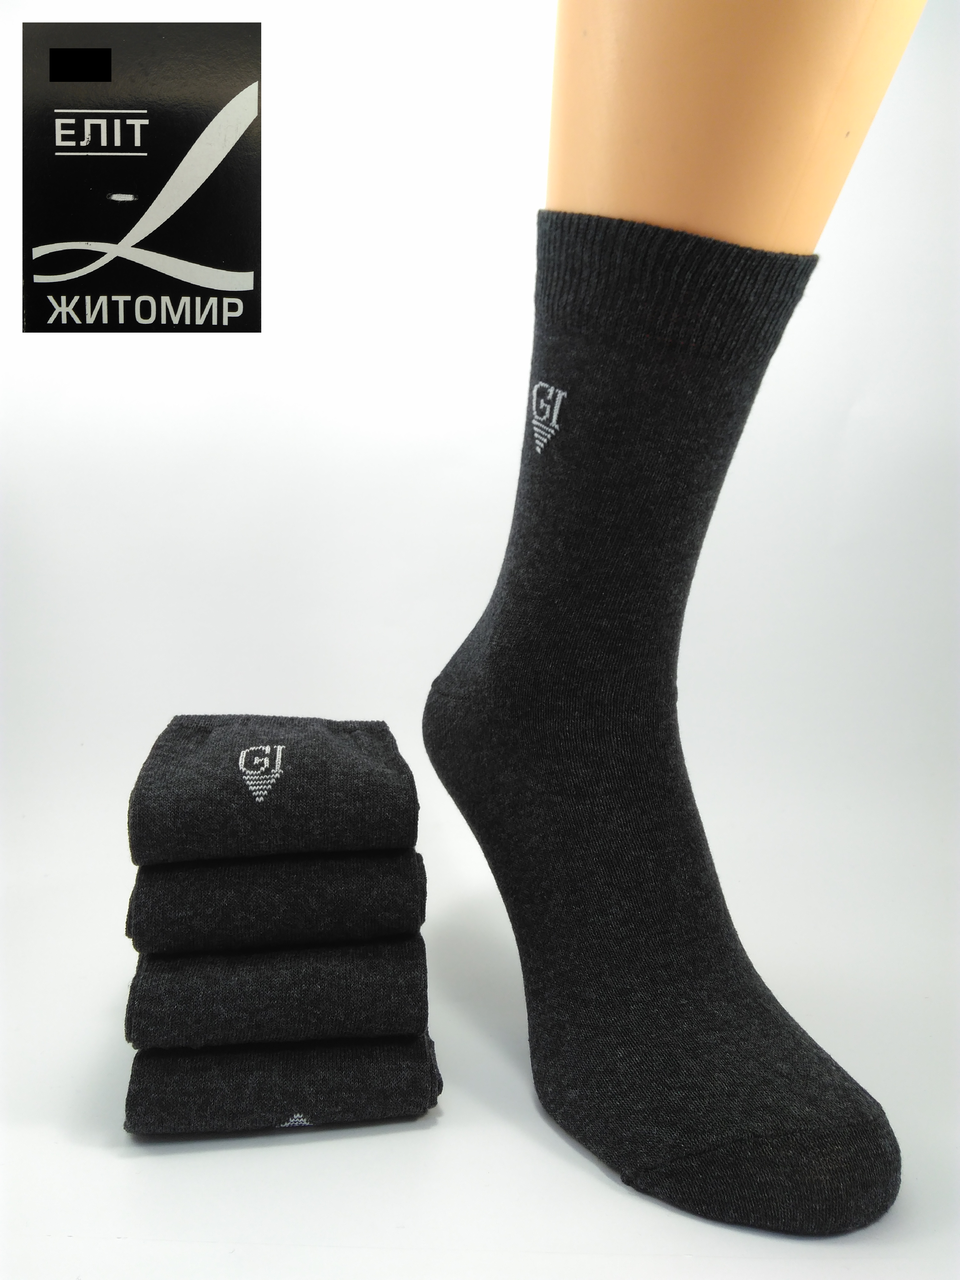 Носки мужские серые. Демисезонные 29-31 (43-45ОБУВЬ)